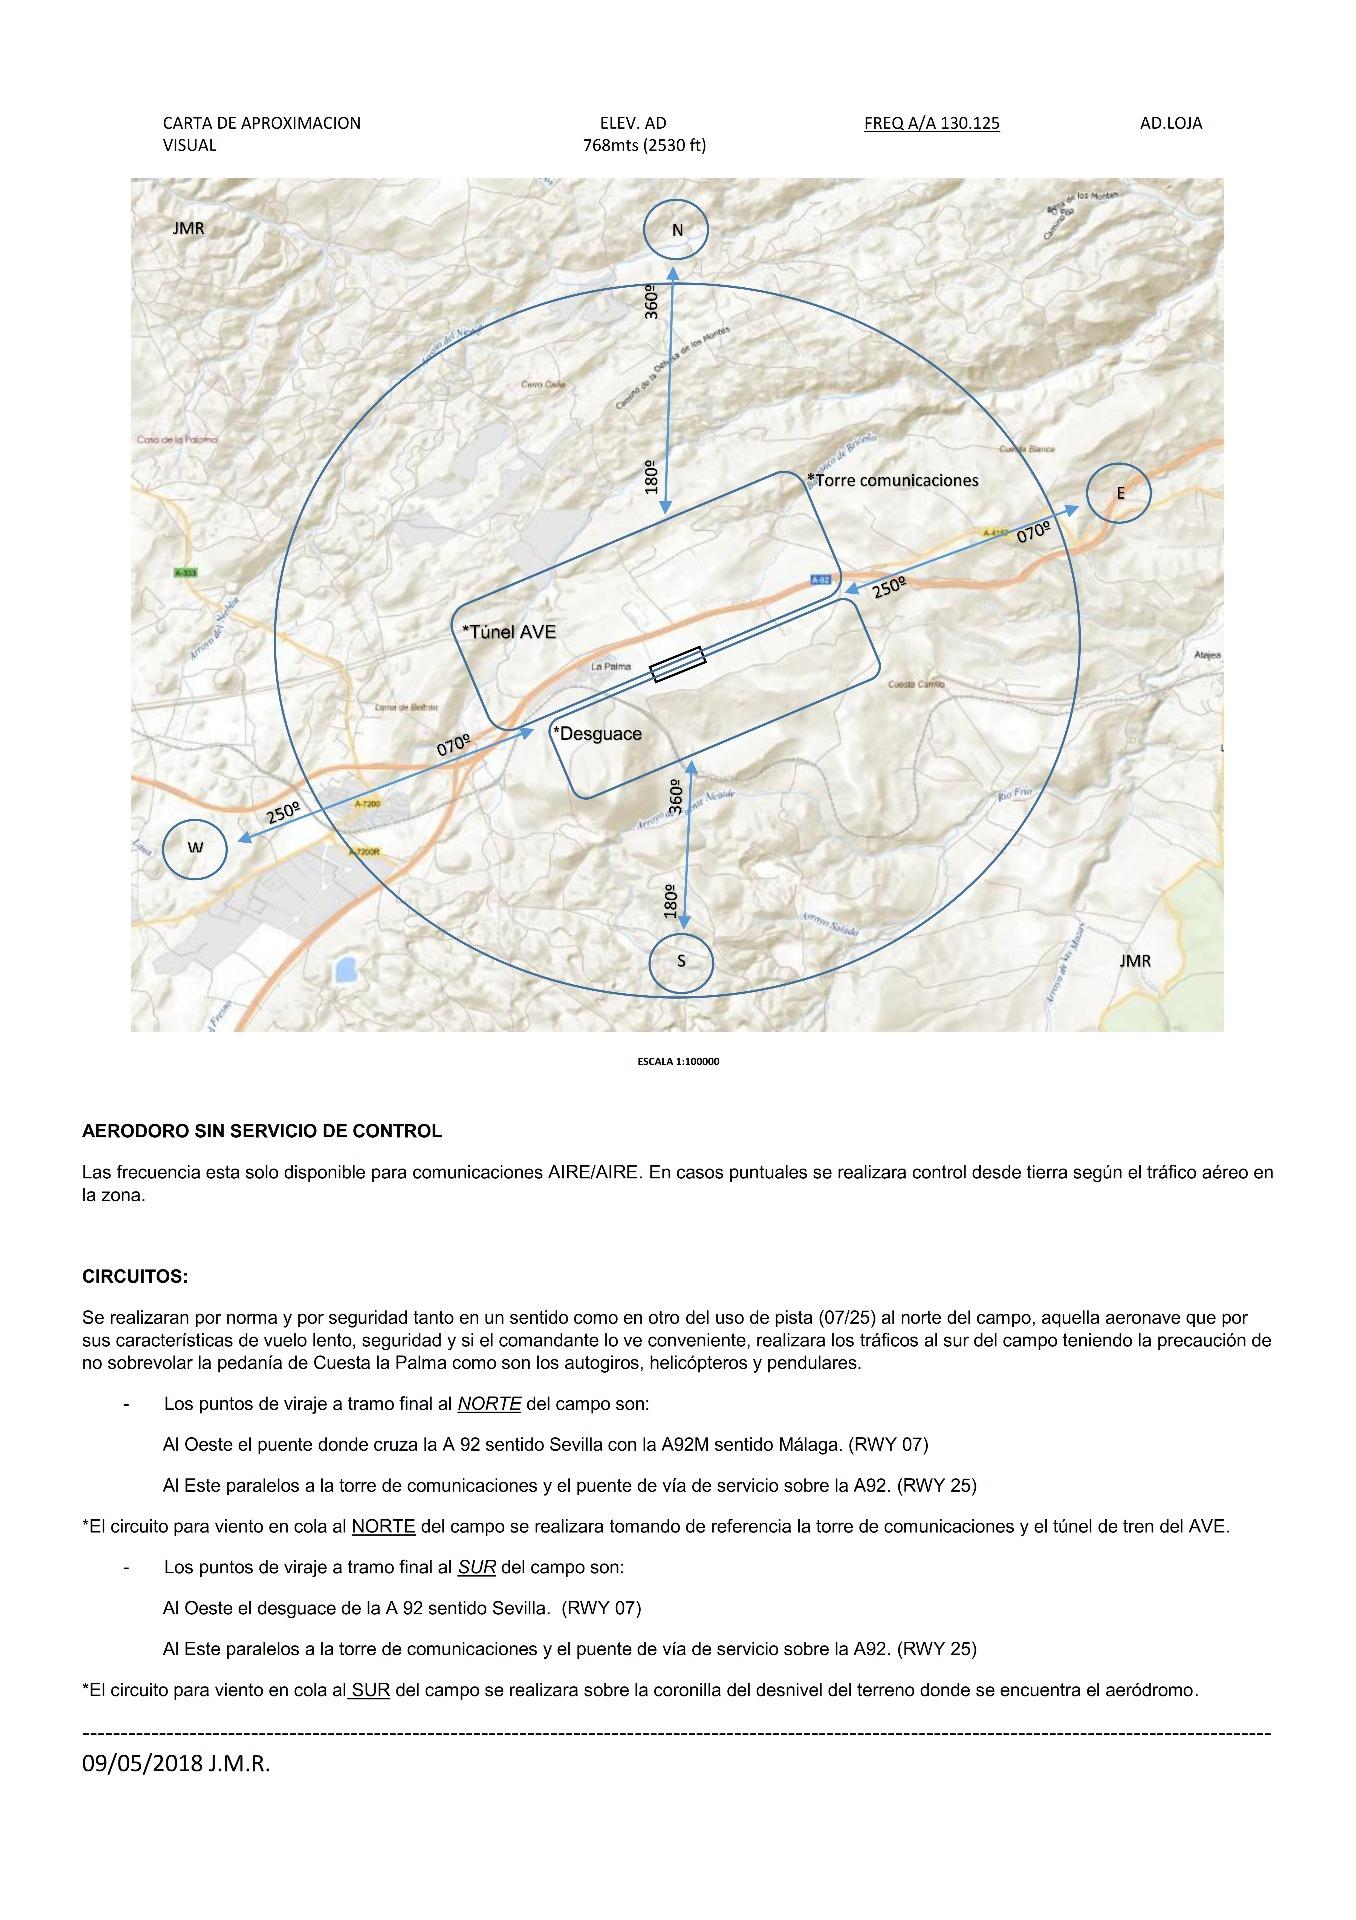 Aeródromo de Loja carta de aproximación visual